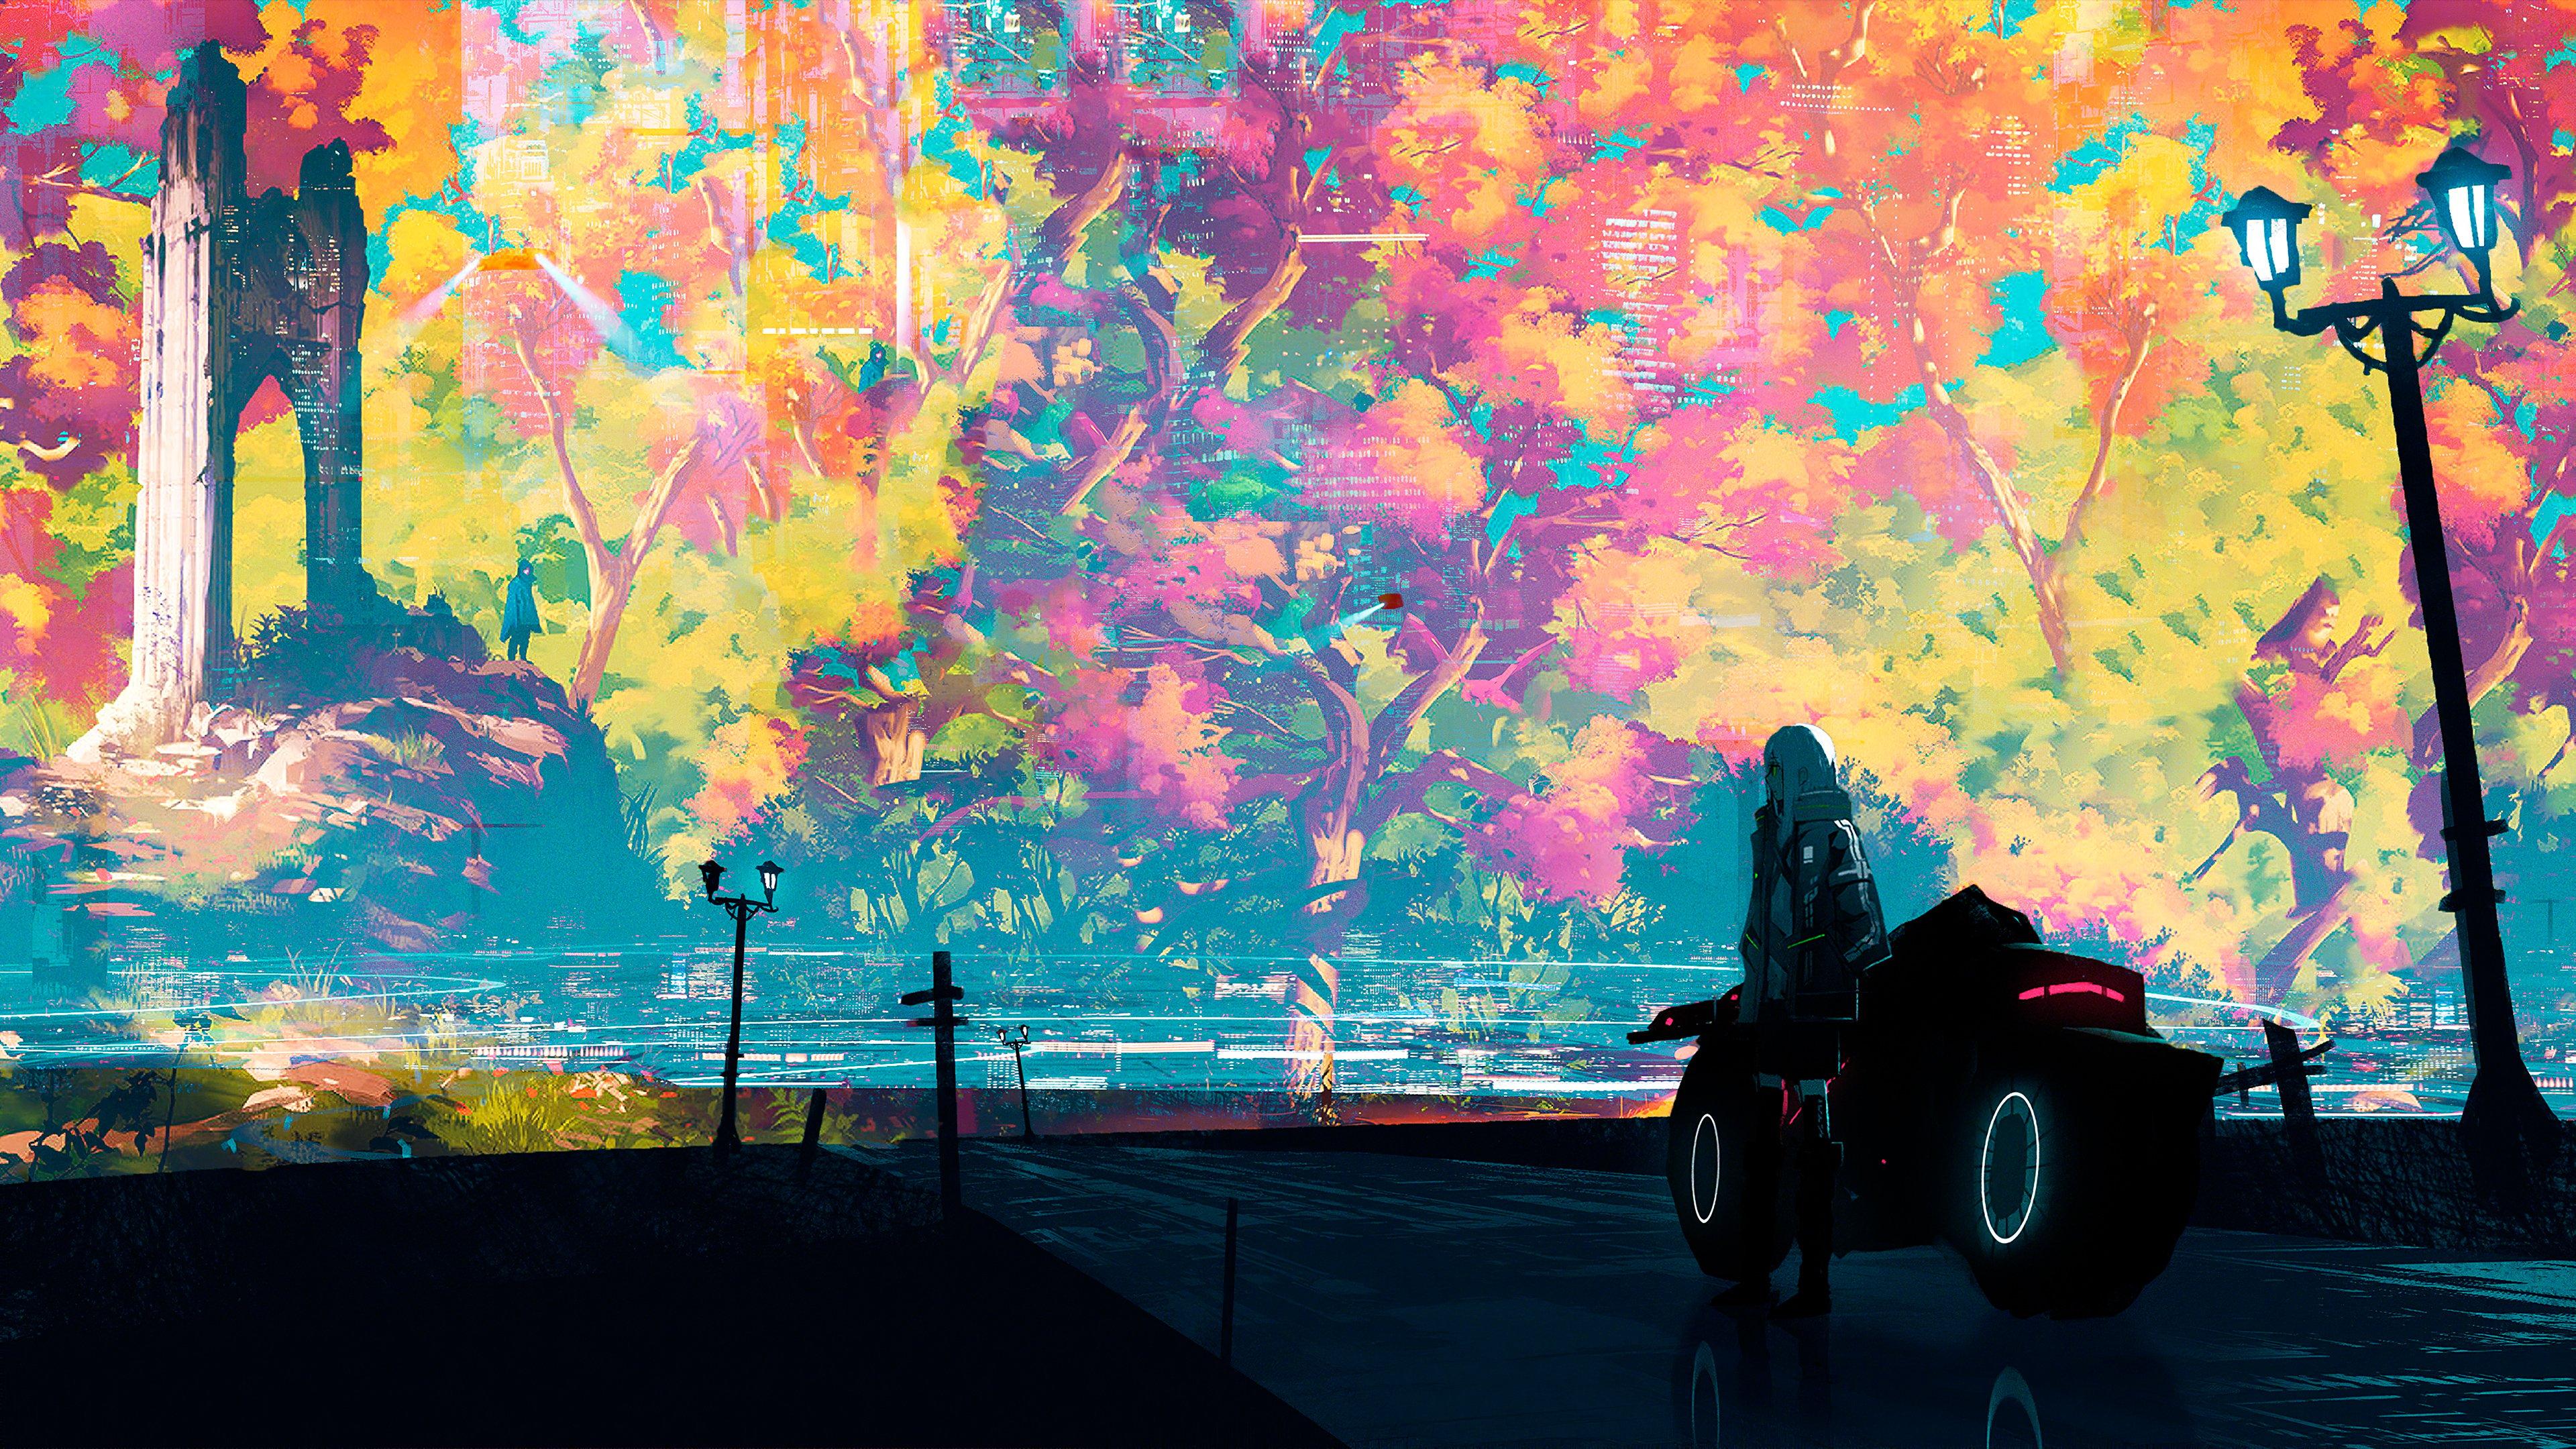 Fondos de pantalla Ilustración Ciudad pintada